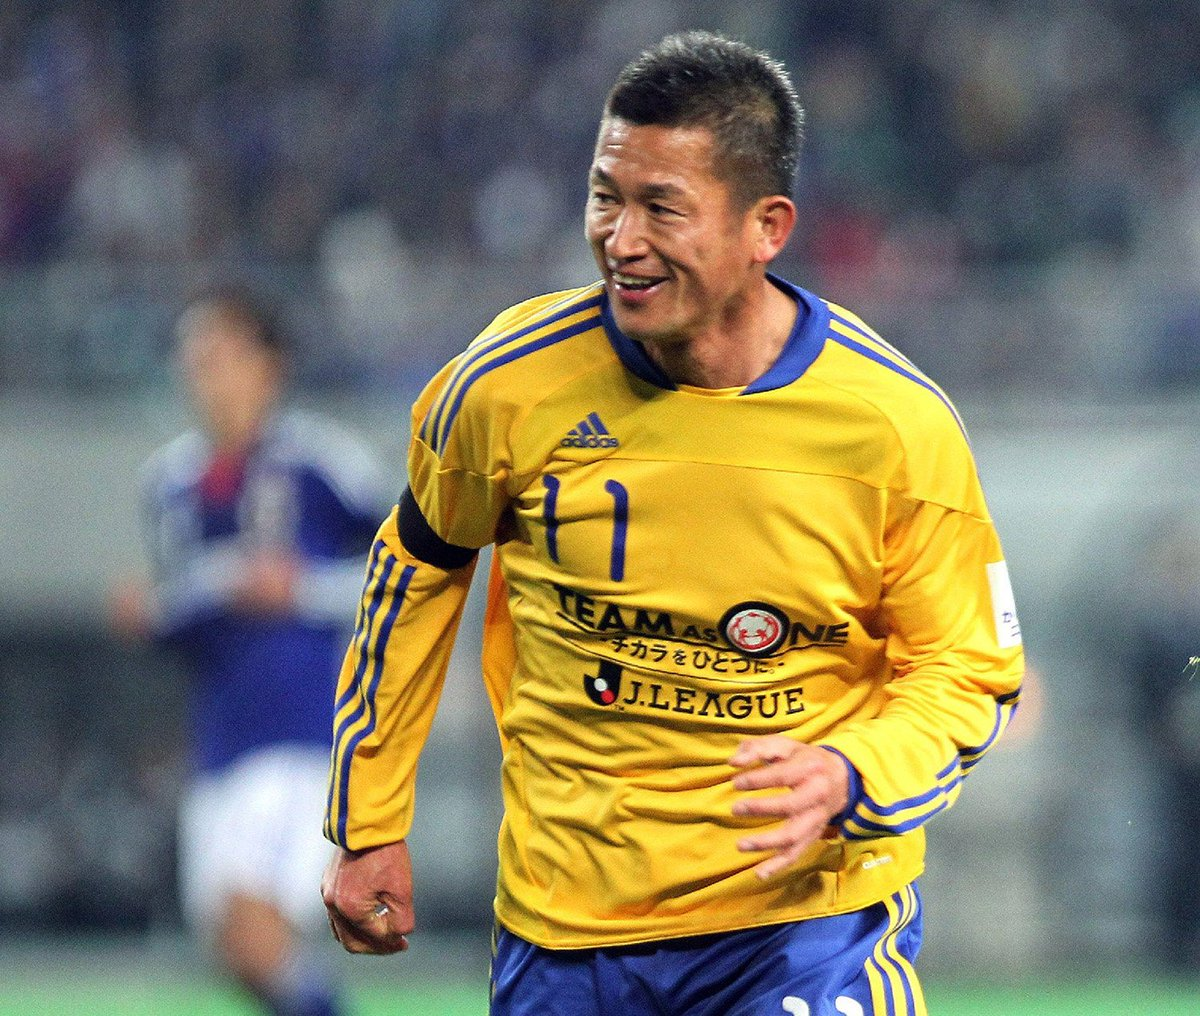 Quiere jugar hasta los 50 años, Kazuyoshi Miura.